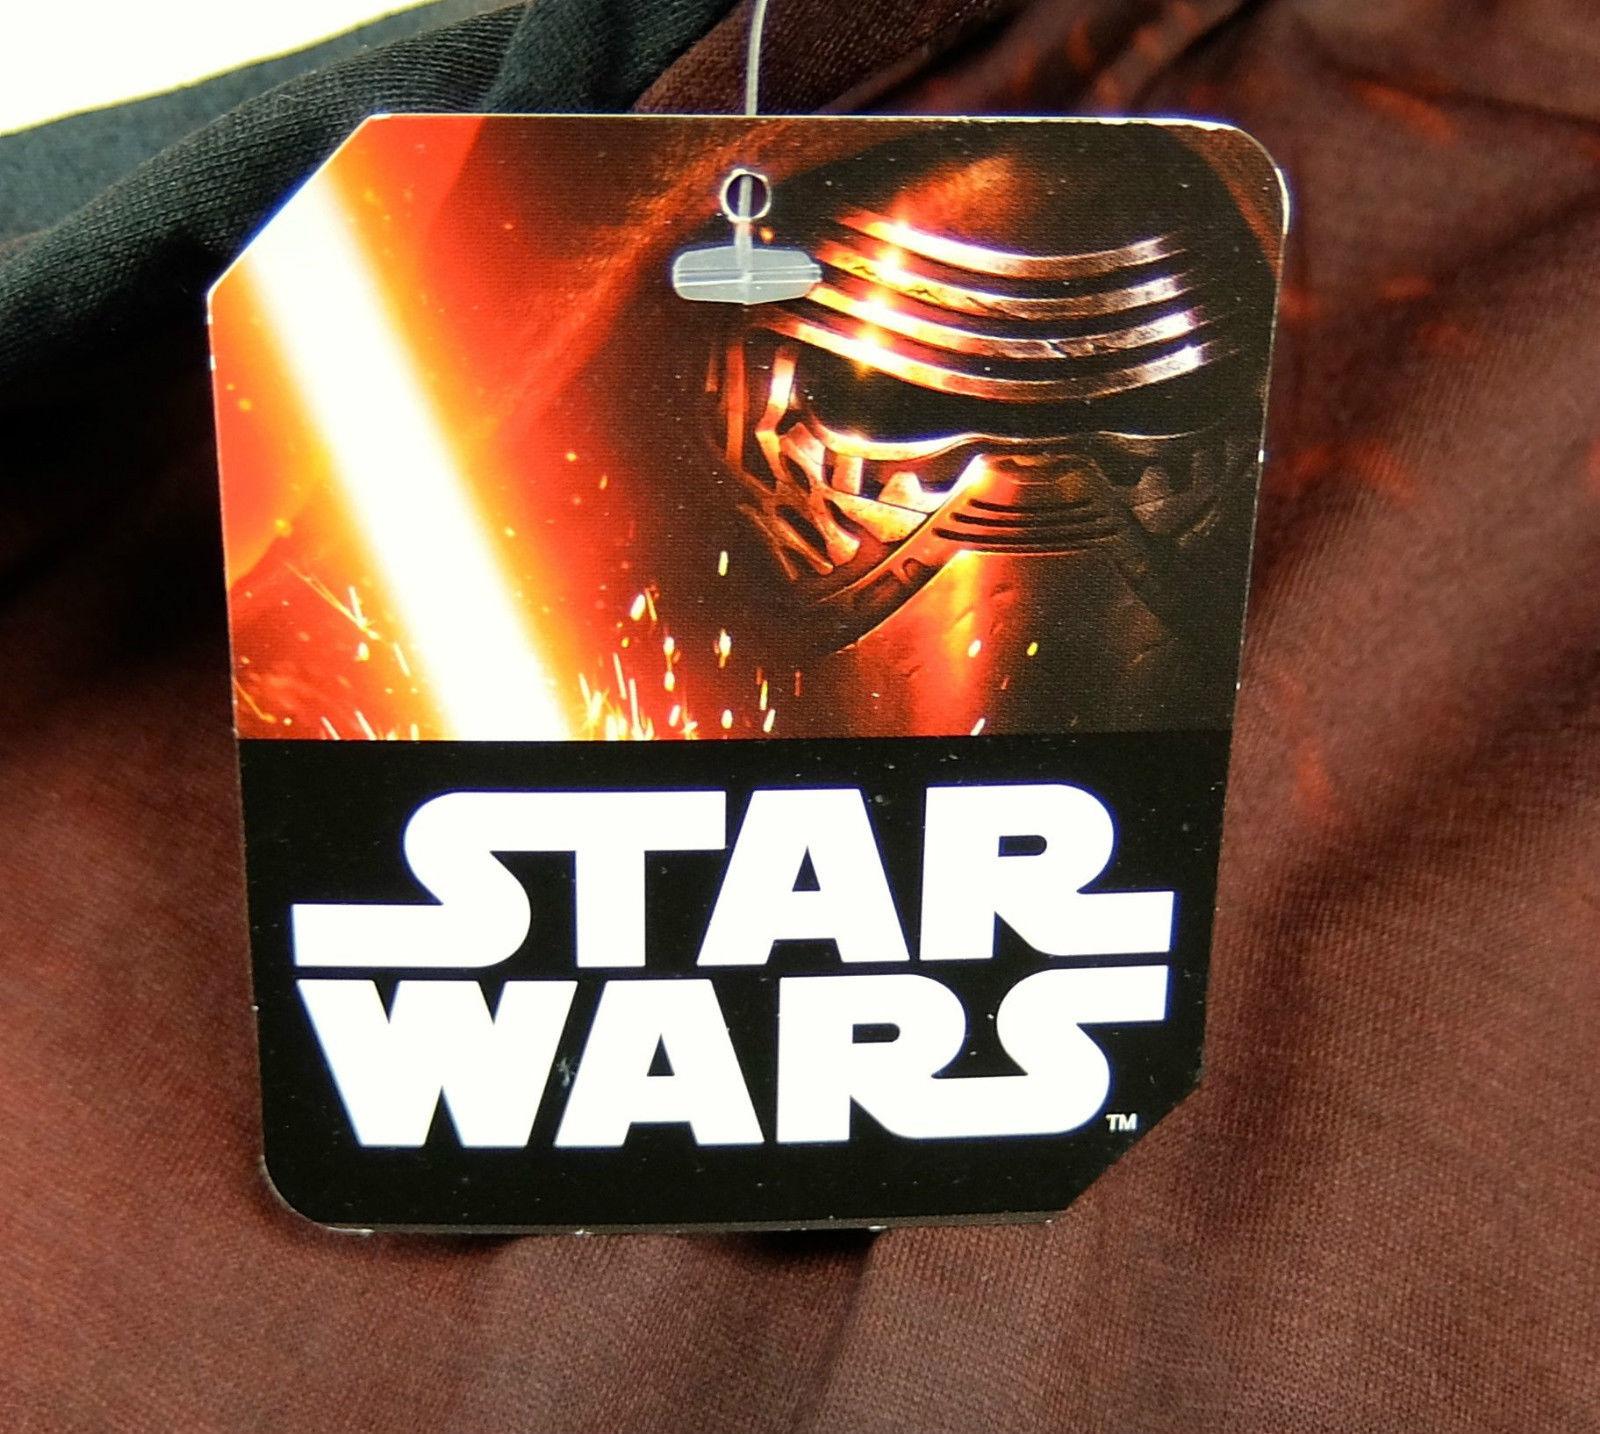 2141.Star Wars *Darth Vader* Pullover